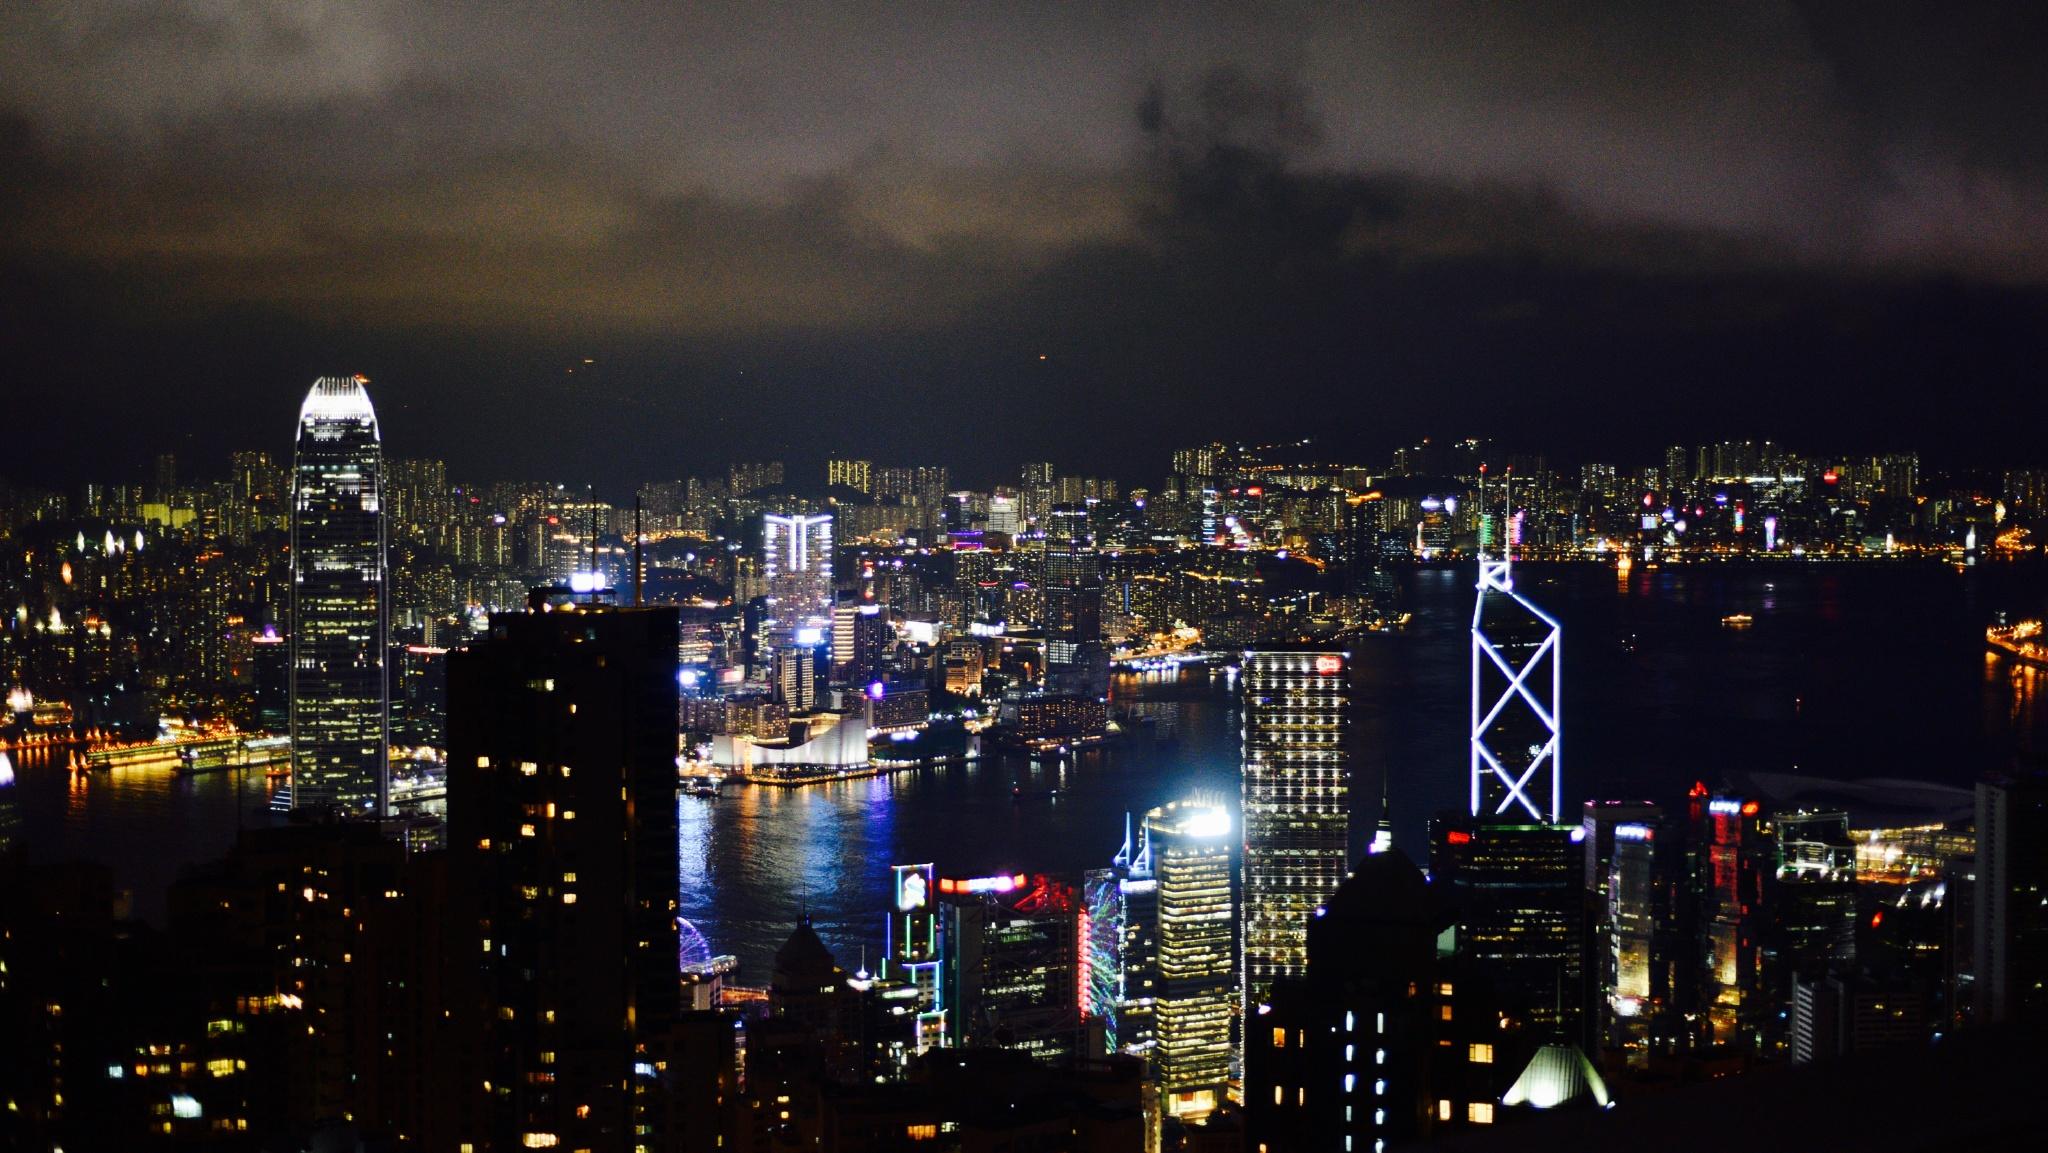 大盗贼霍老爷:春晚背后,一个日益割裂的中国社会